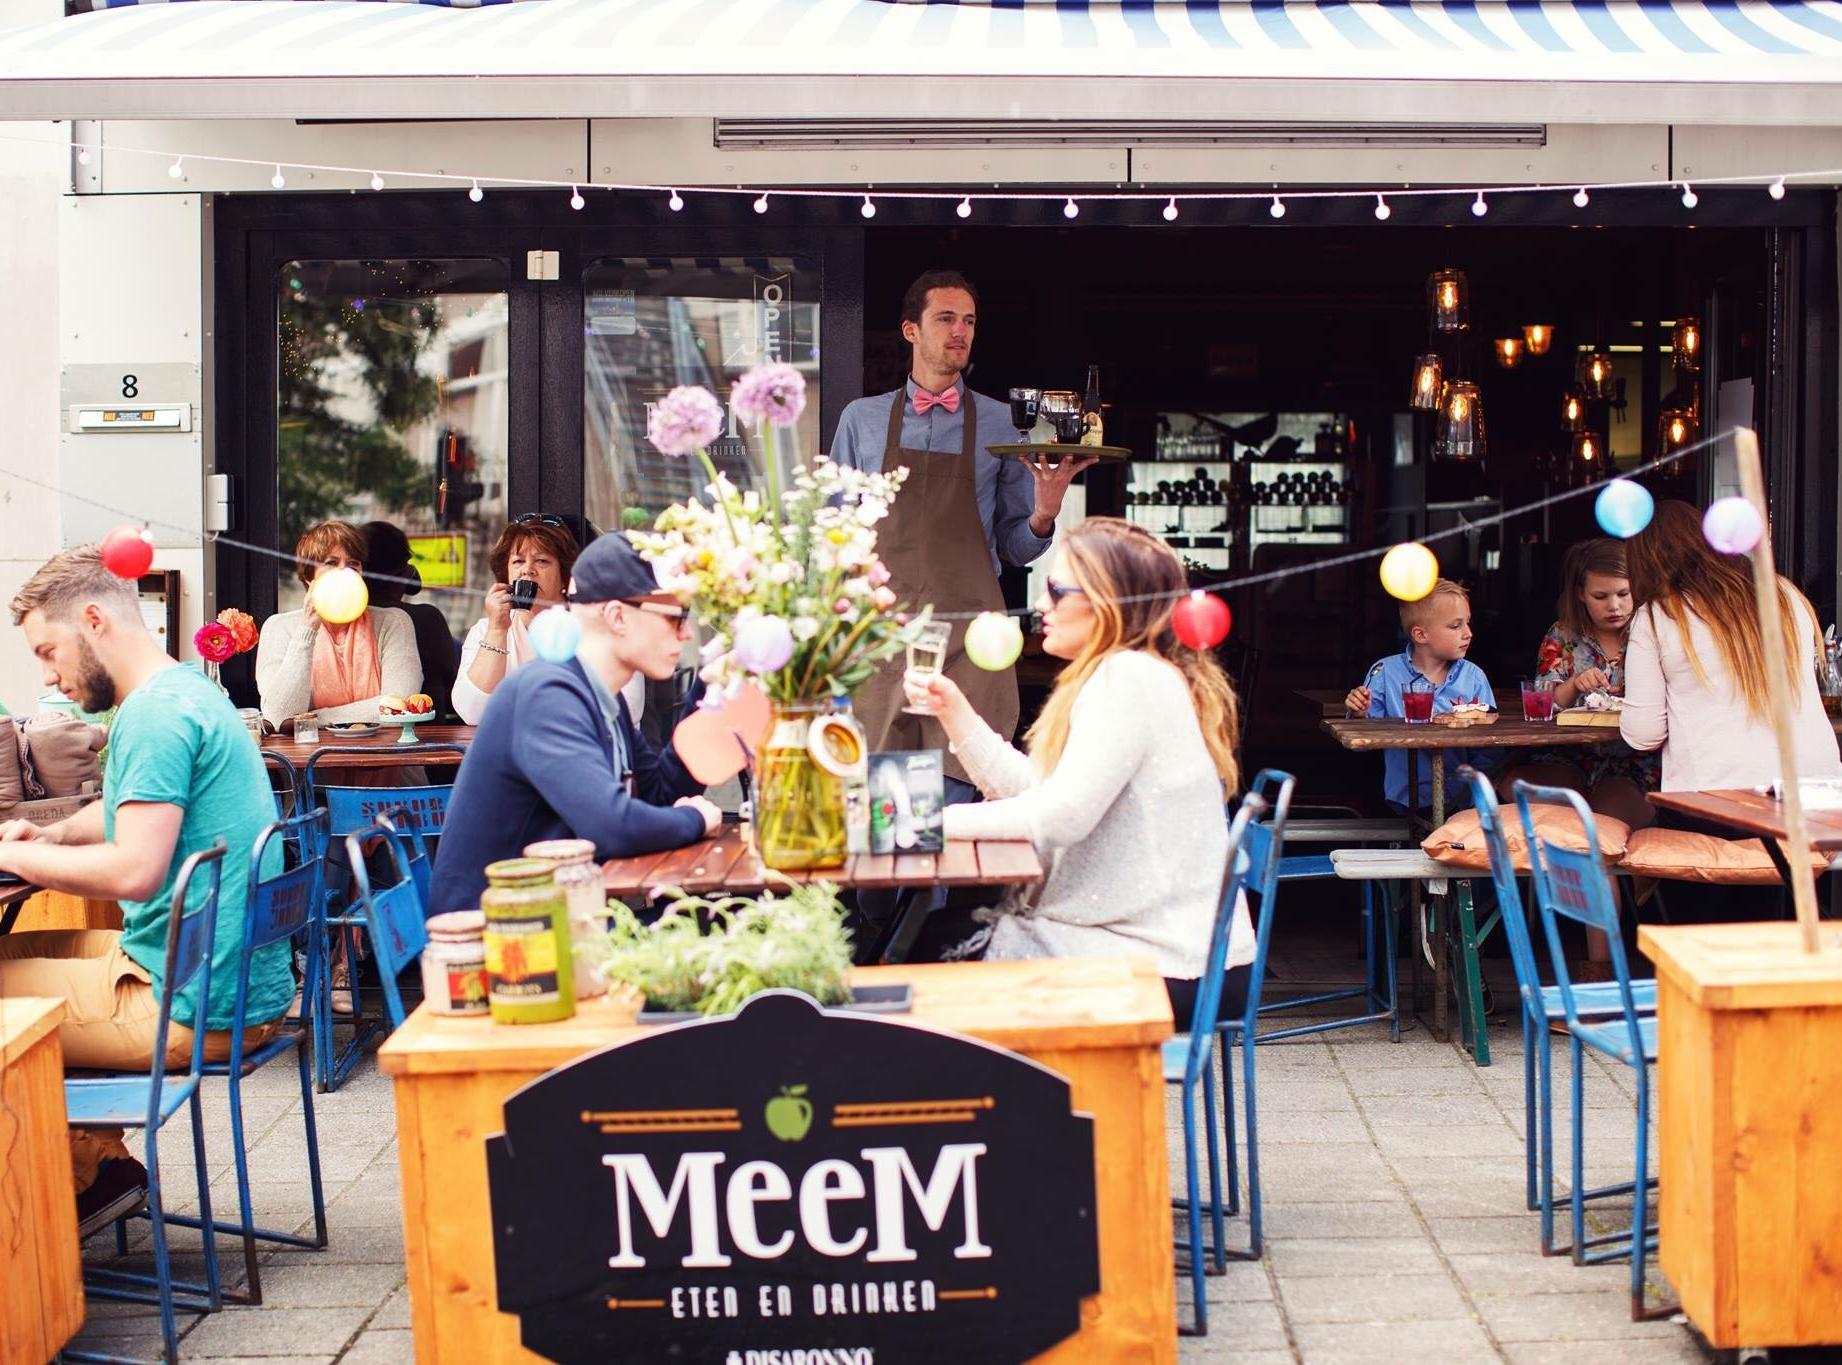 MeeM - Vlakbij centraal station Arnhem vind je MeeM Eten en Drinken. Bij MeeM kun je terecht voor heerlijke en unieke burgers,hotdogs en per seizoen wisselende gerechten.MeeM maakt gebruik van eerlijke, lokale en seizoensgebonden producten waarbij de kwaliteit altijd voorop staat.www.meemetenendrinken.nl